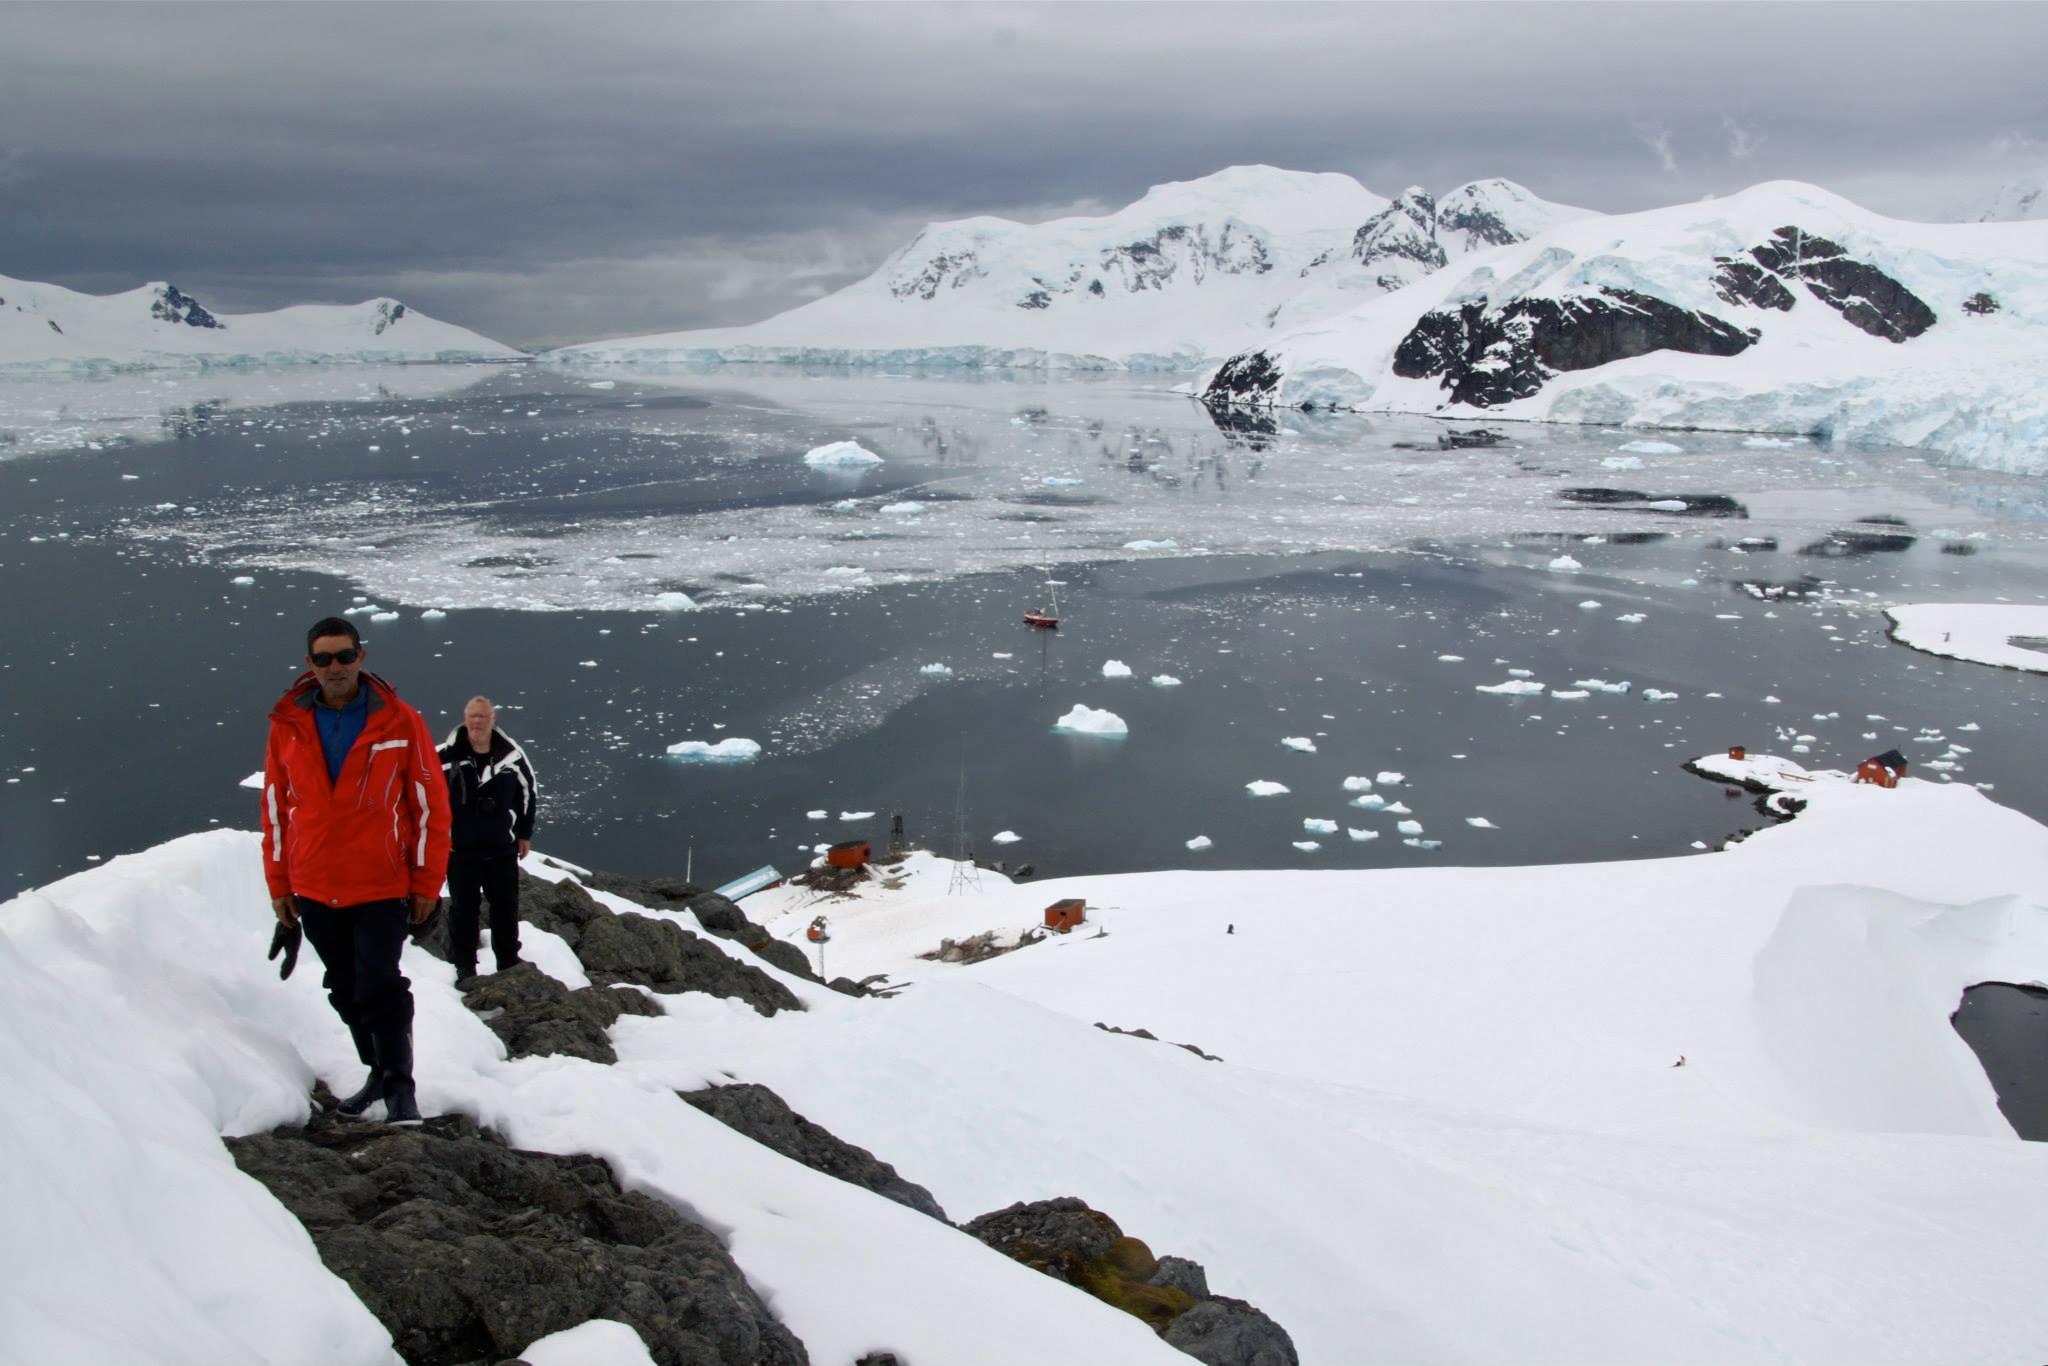 שייט באנטרקטיקה - סיור על הרים מושלגים - דרך הים